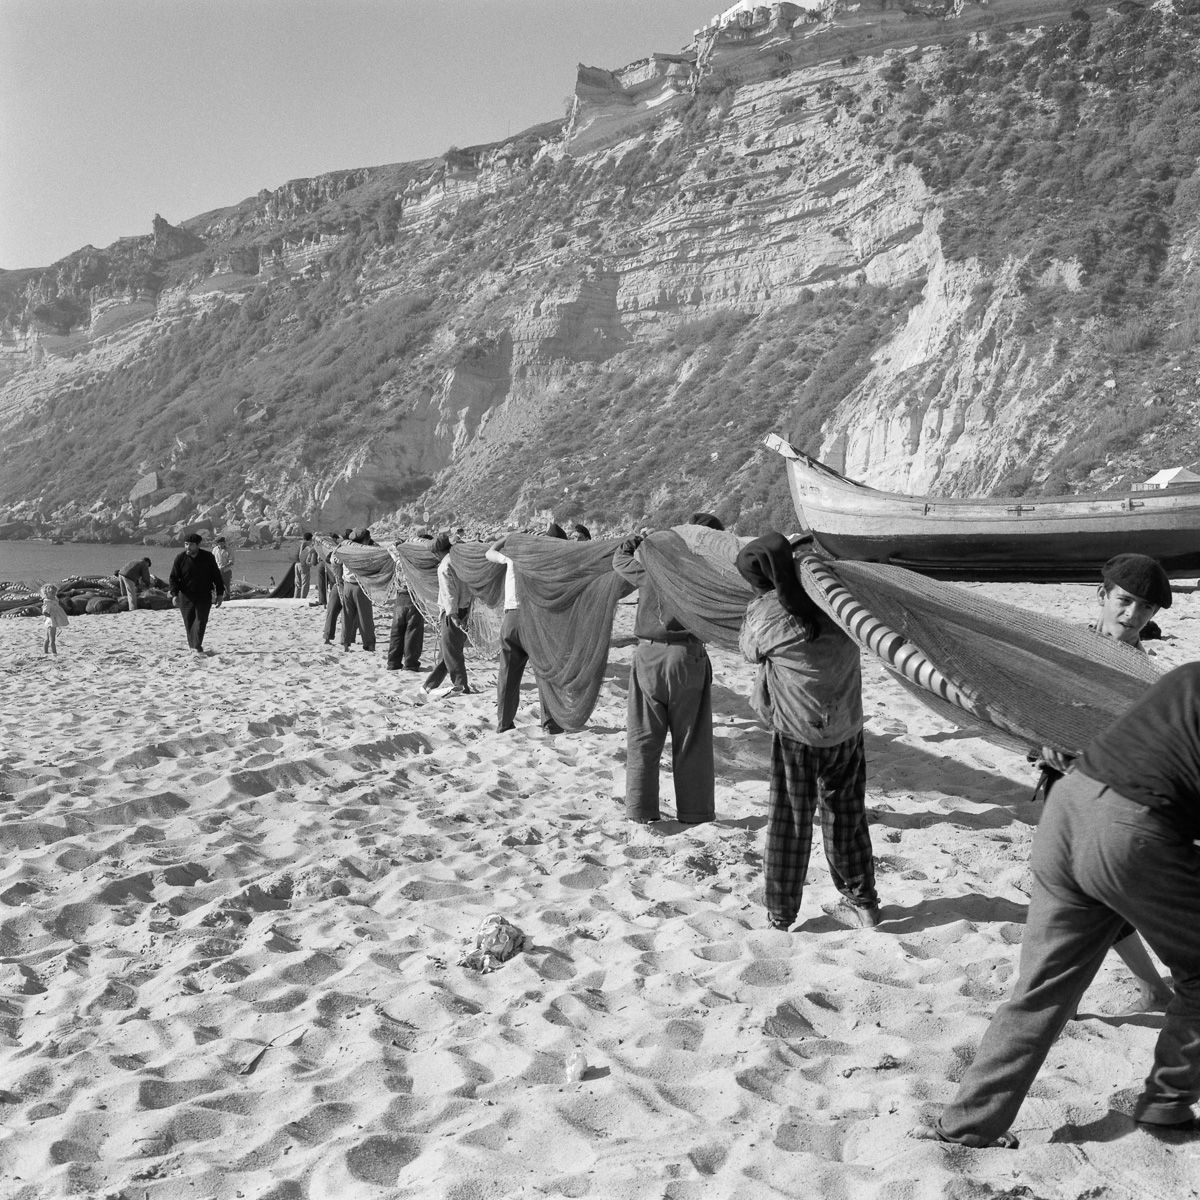 Fotografias deslumbrantes capturam a cultura da pesca dos anos 50 em Portugal 27